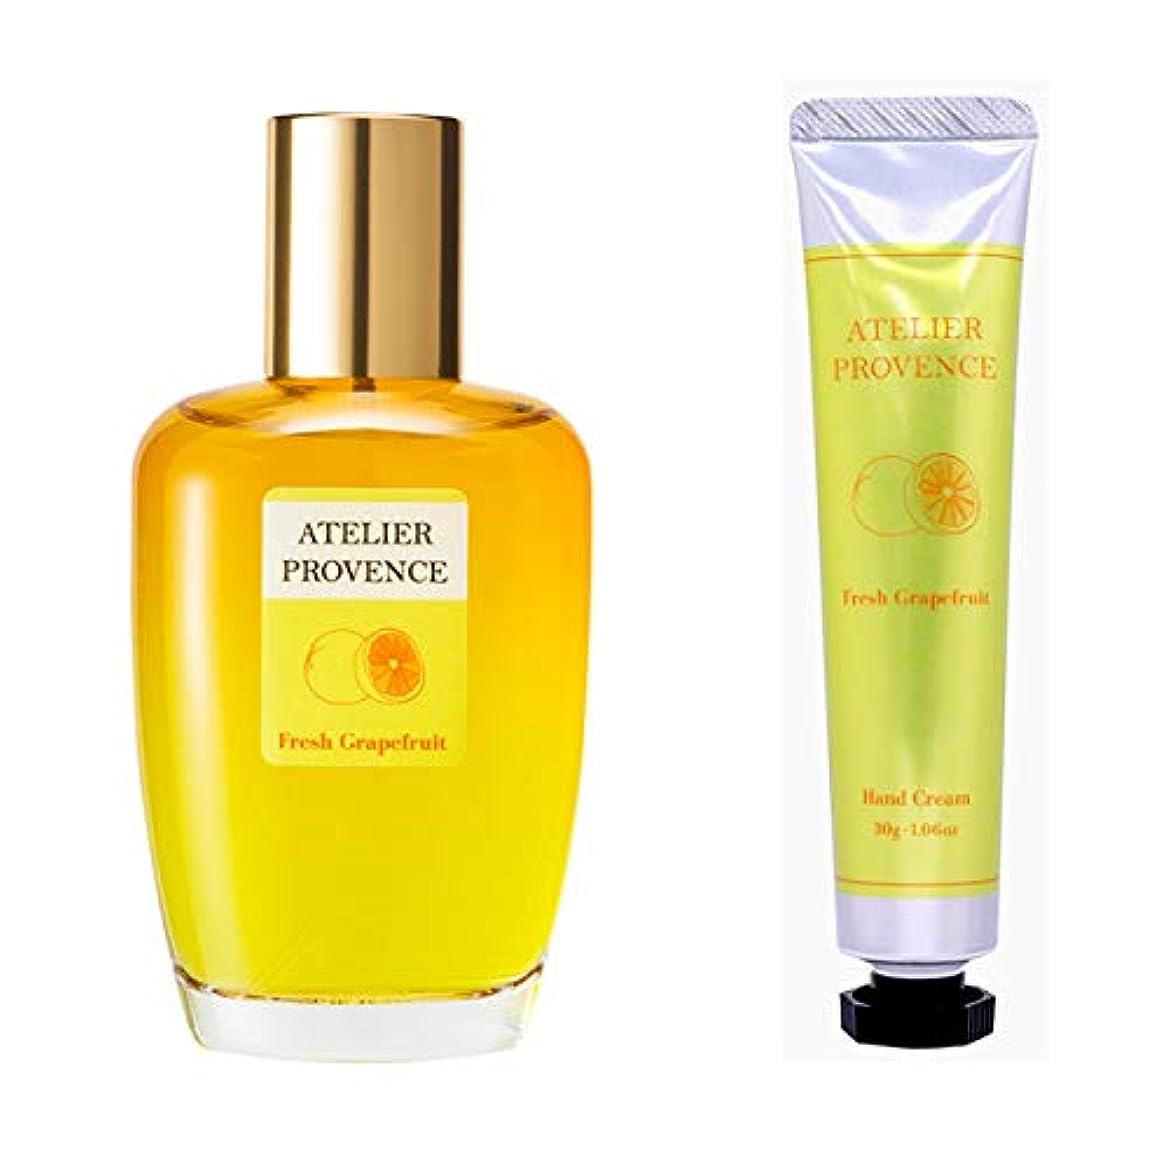 適切に提案する表向きアトリエ プロヴァンス ATELIER PROVENCE フレッシュグレープフルーツの香り コフレセット(EDT90ml+ハンドクリーム30g)